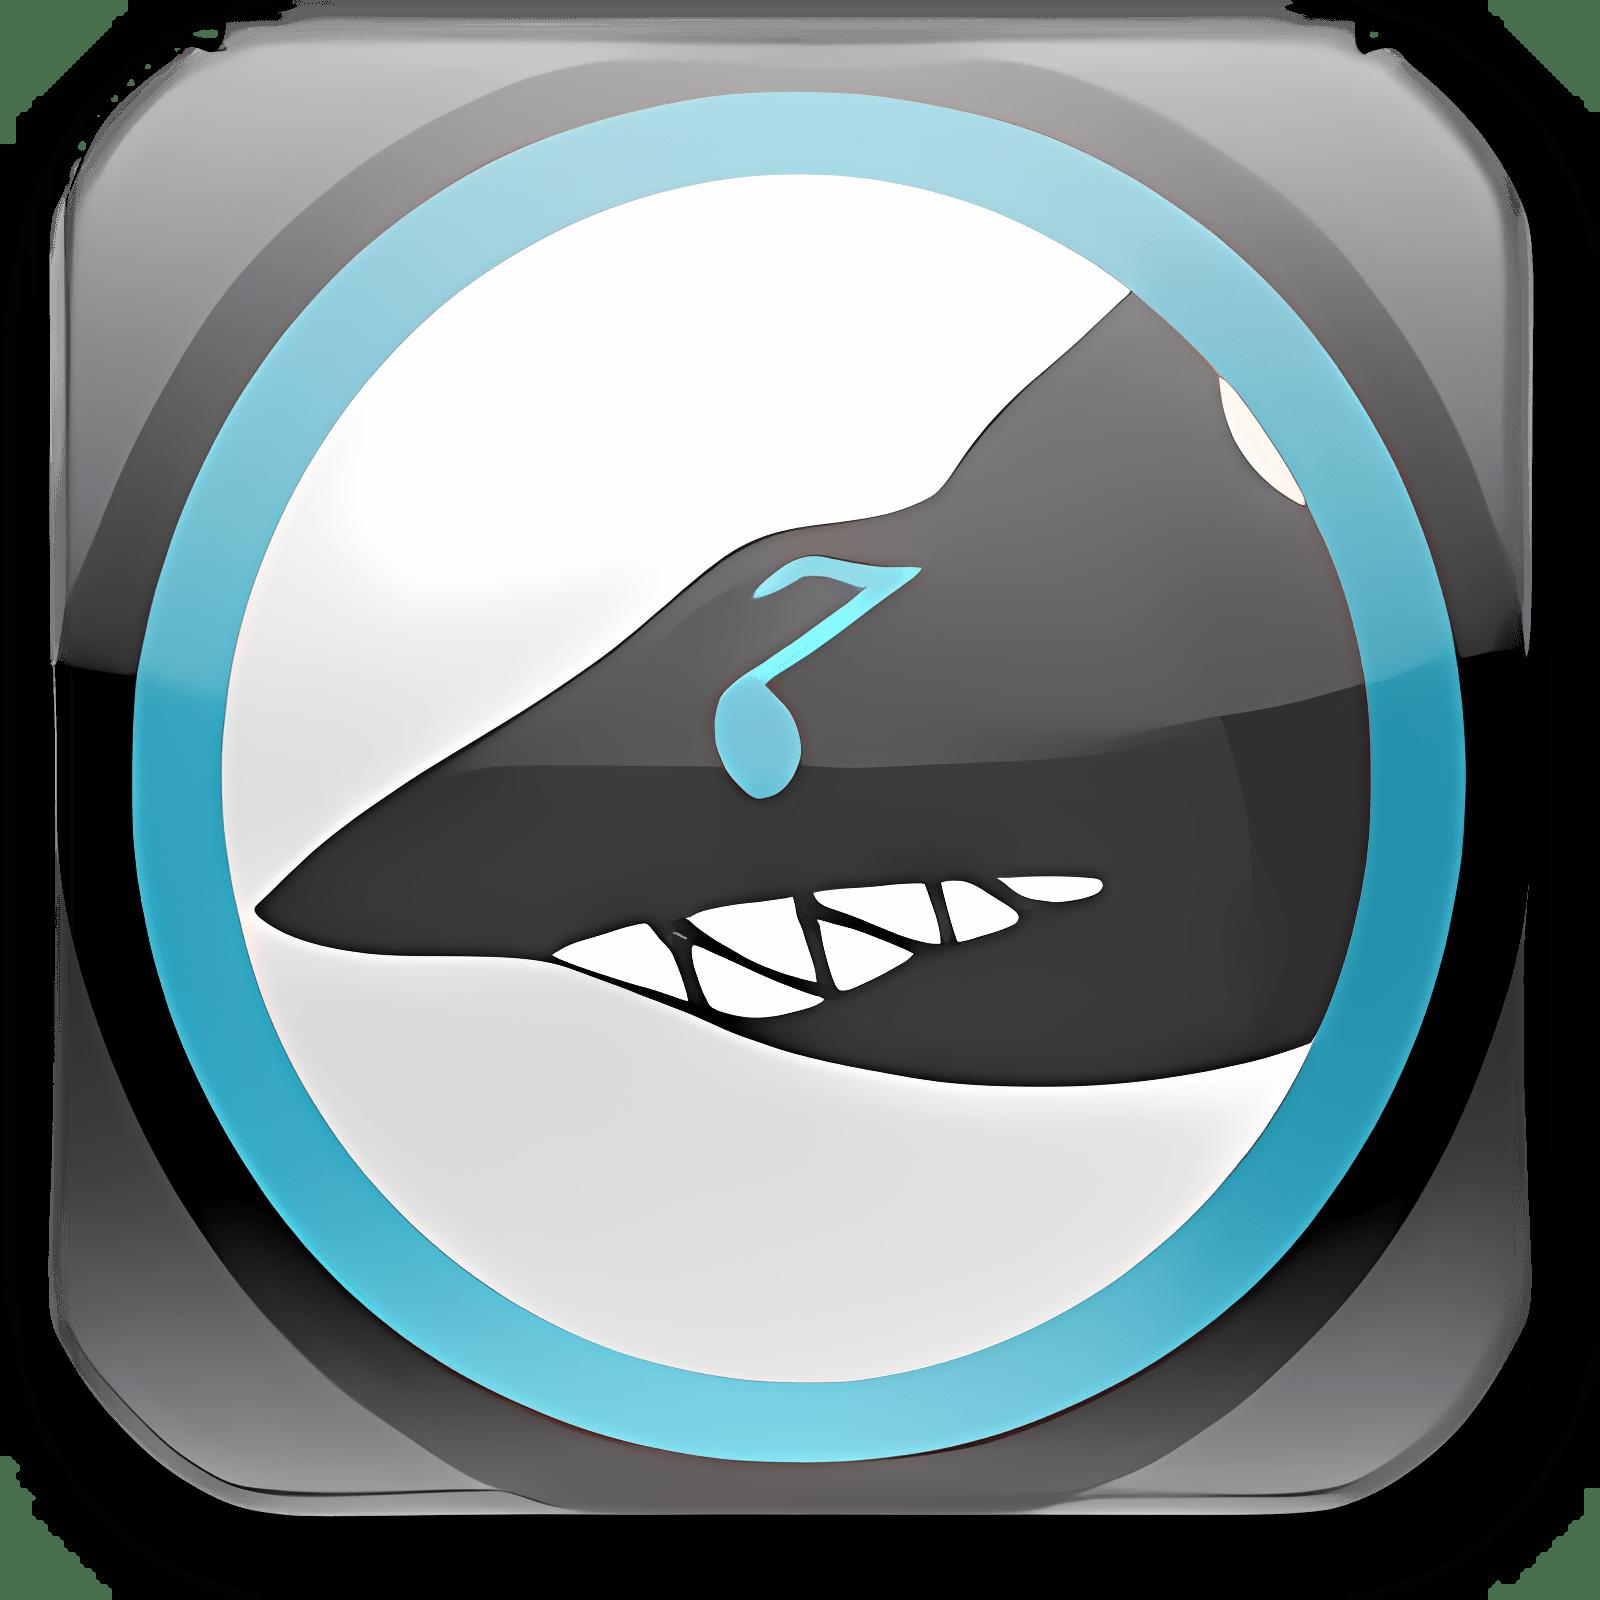 TinyShark 2.3.5